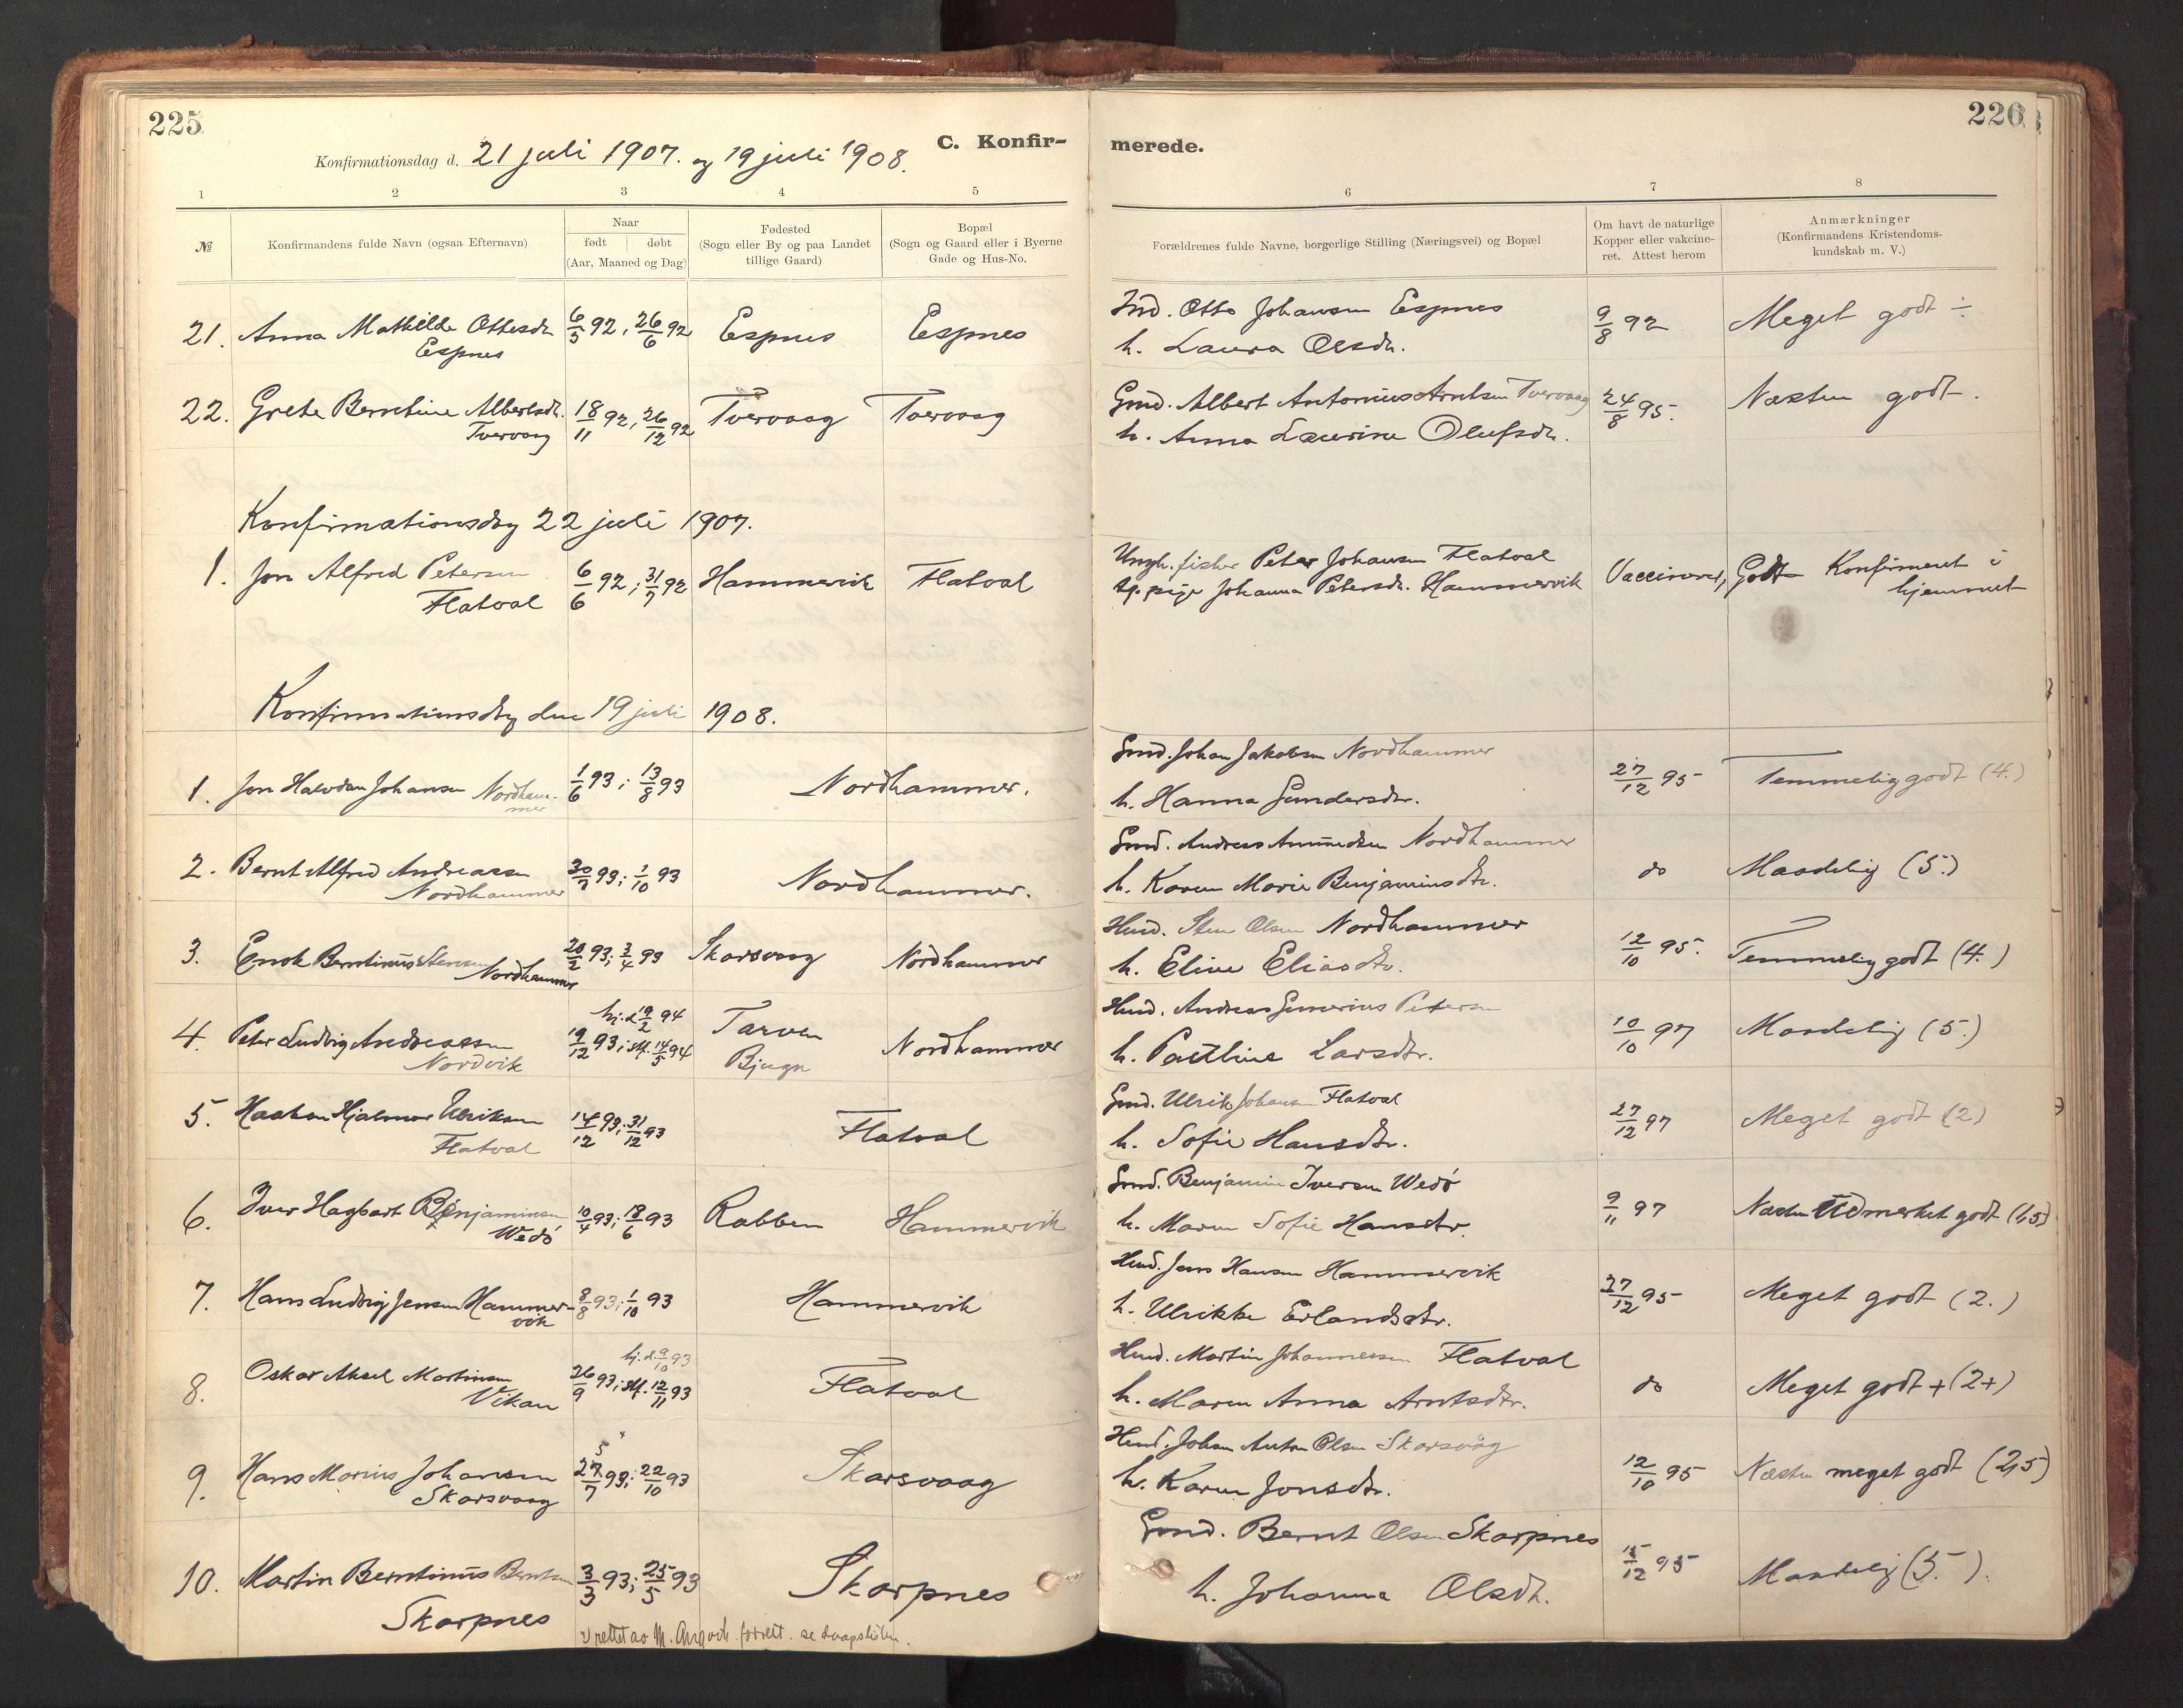 SAT, Ministerialprotokoller, klokkerbøker og fødselsregistre - Sør-Trøndelag, 641/L0596: Ministerialbok nr. 641A02, 1898-1915, s. 225-226